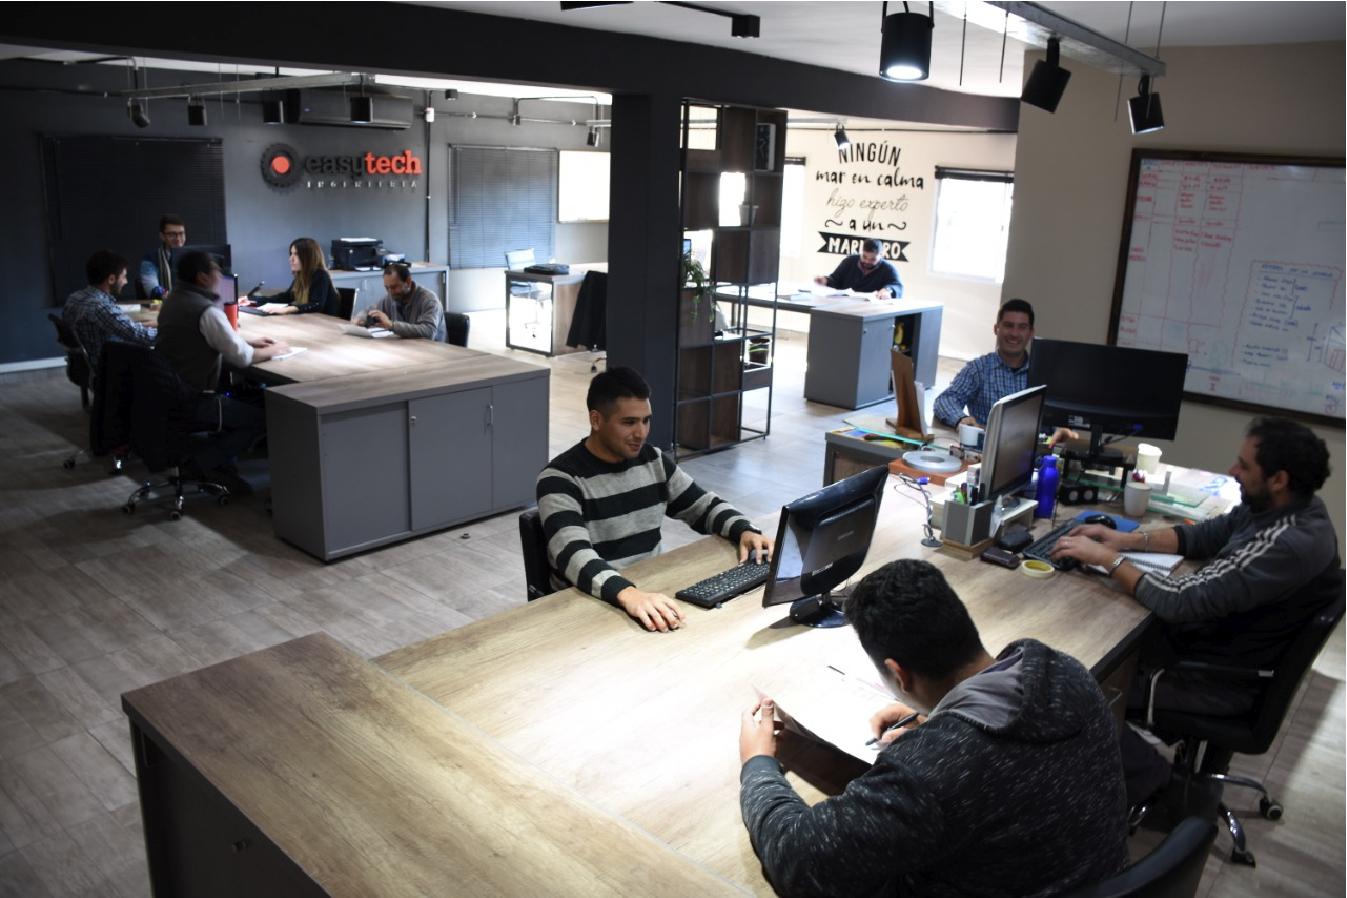 Oficinas de EasyTech, Tucumán